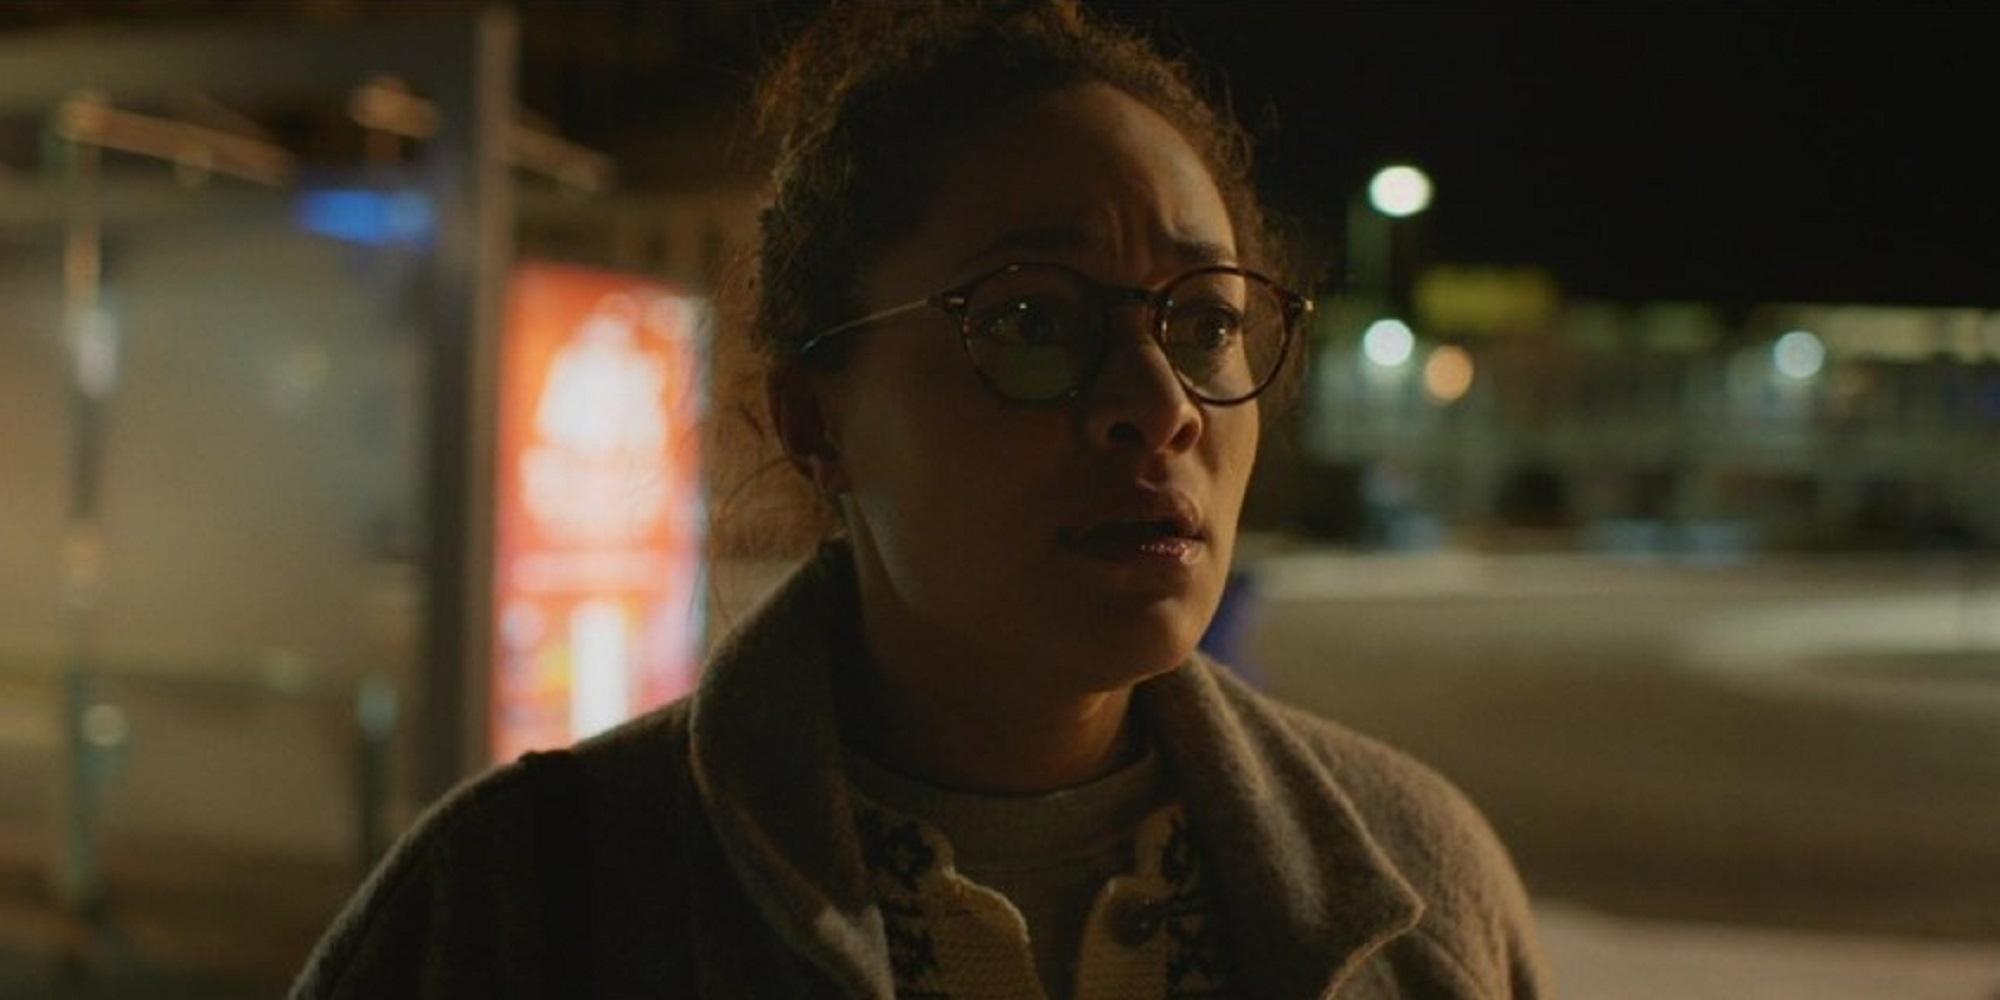 En kvinne med oppsatt hår og runde briller. Hun ser oppskaket ut. I bakgrunnen skimtes en gate nattestid. Foto.